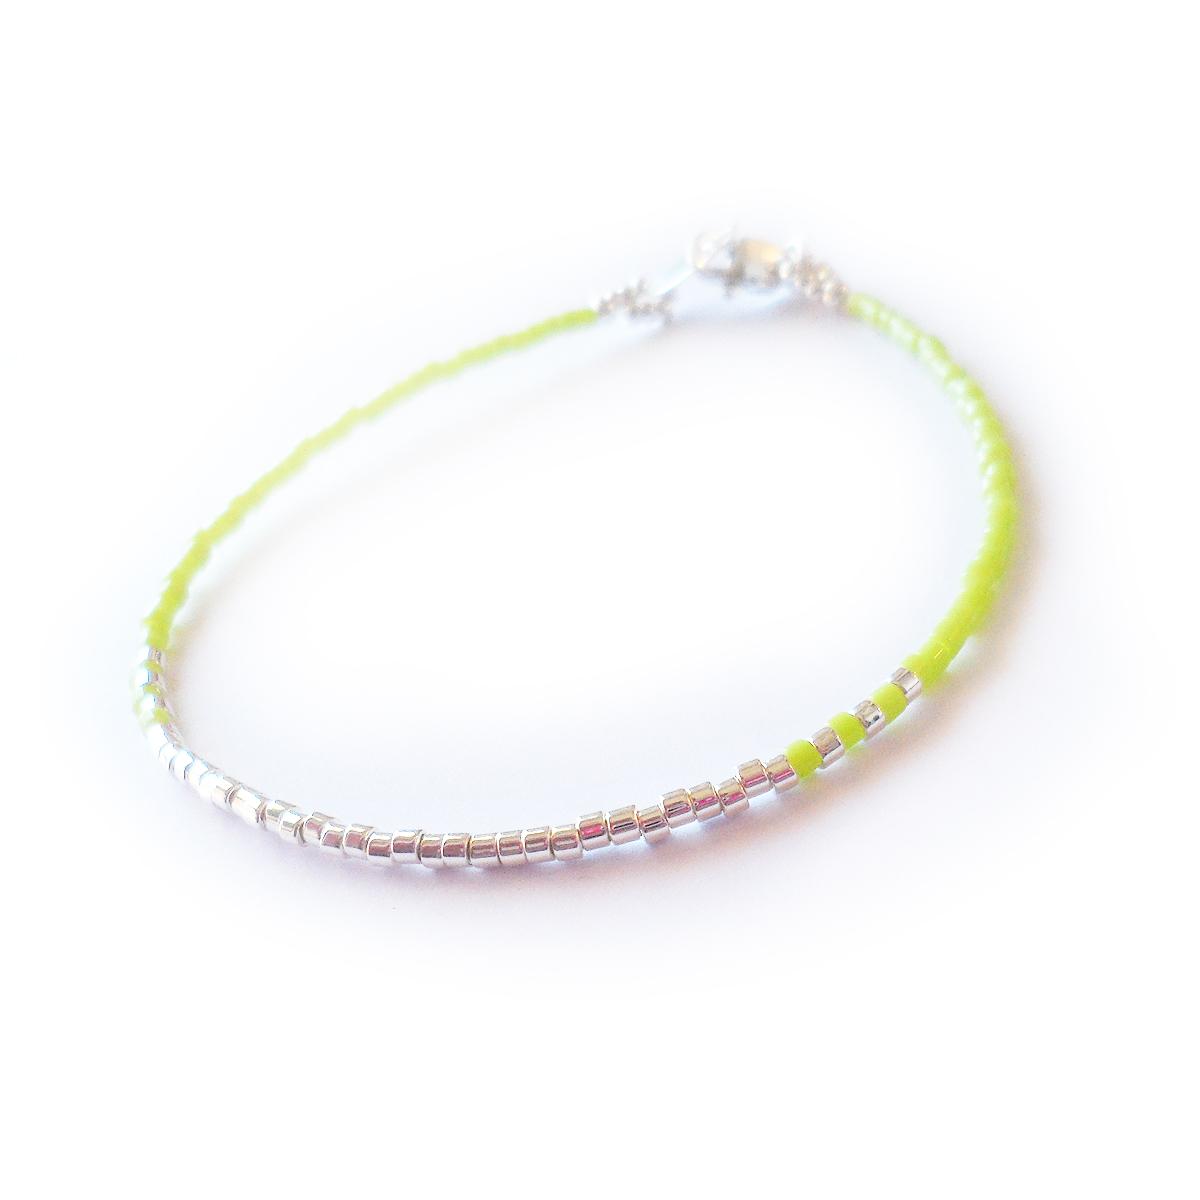 pulsera-tranquility-con-cuentas-de-plata-de-ley-y-bolitas-de-cristal-verde